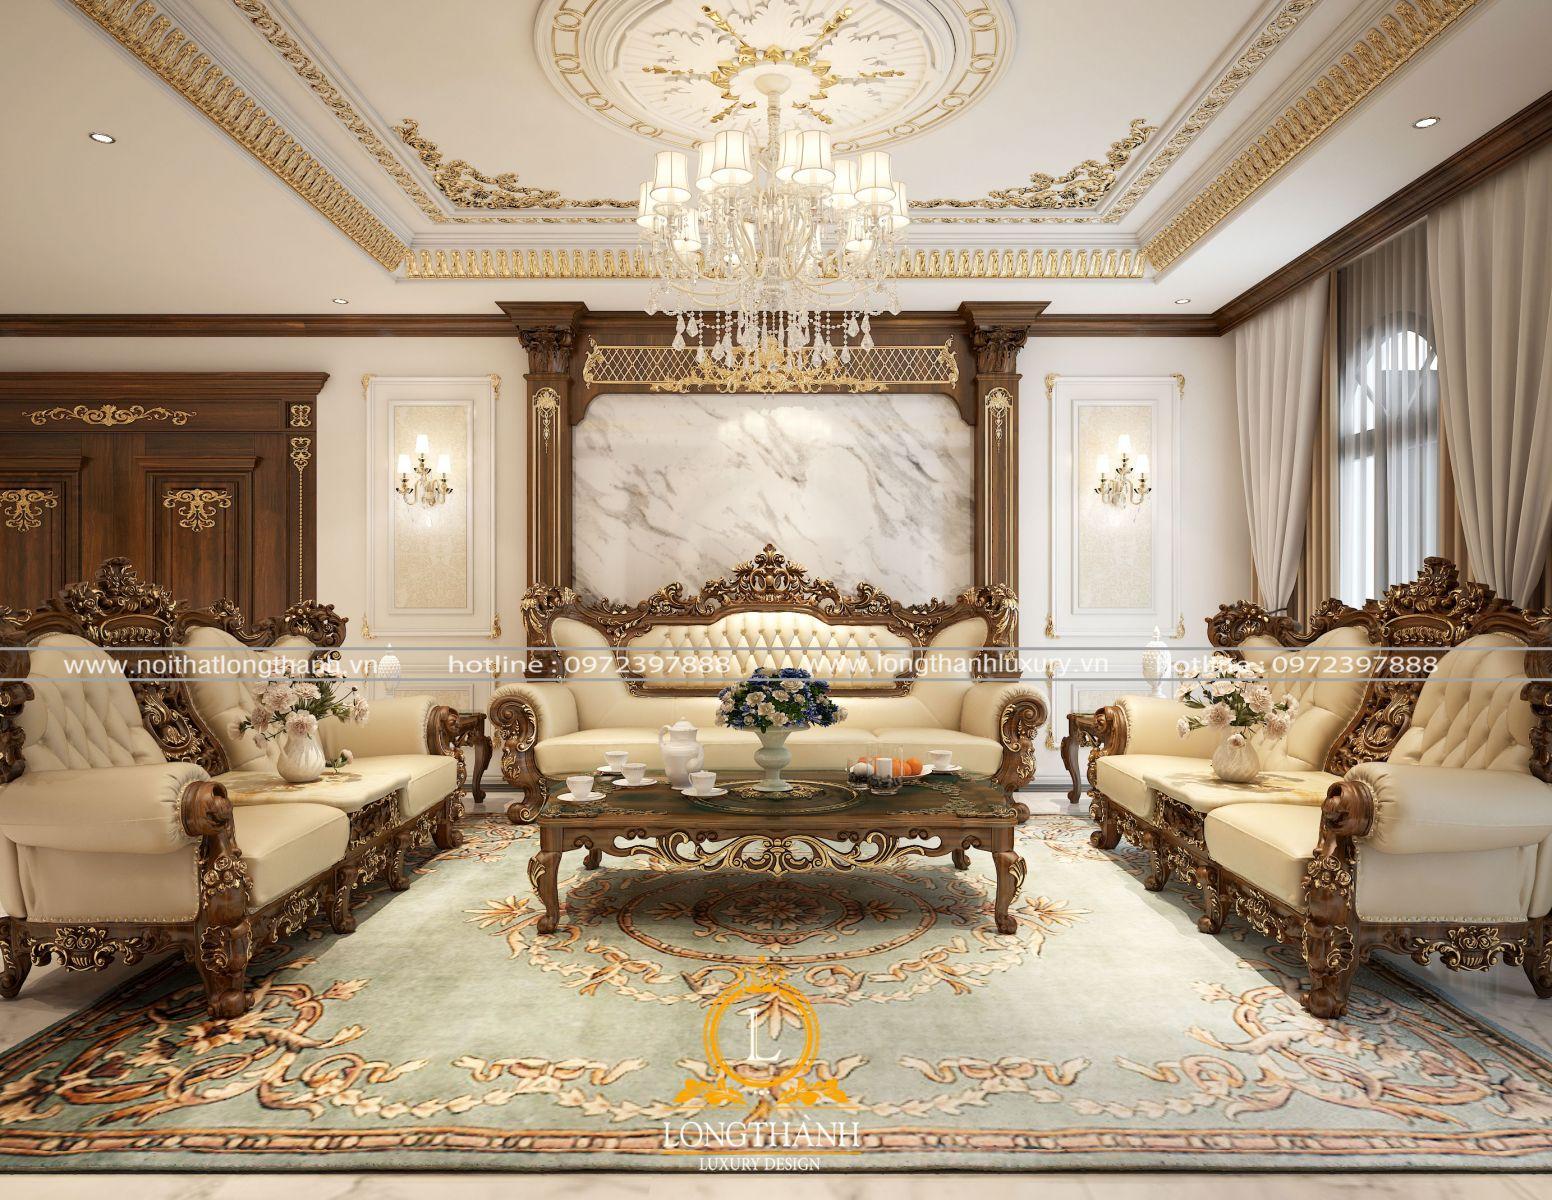 Bộ sofa đẹp sử dụng chất liệu cao cấp cho phòng khách sang trọng